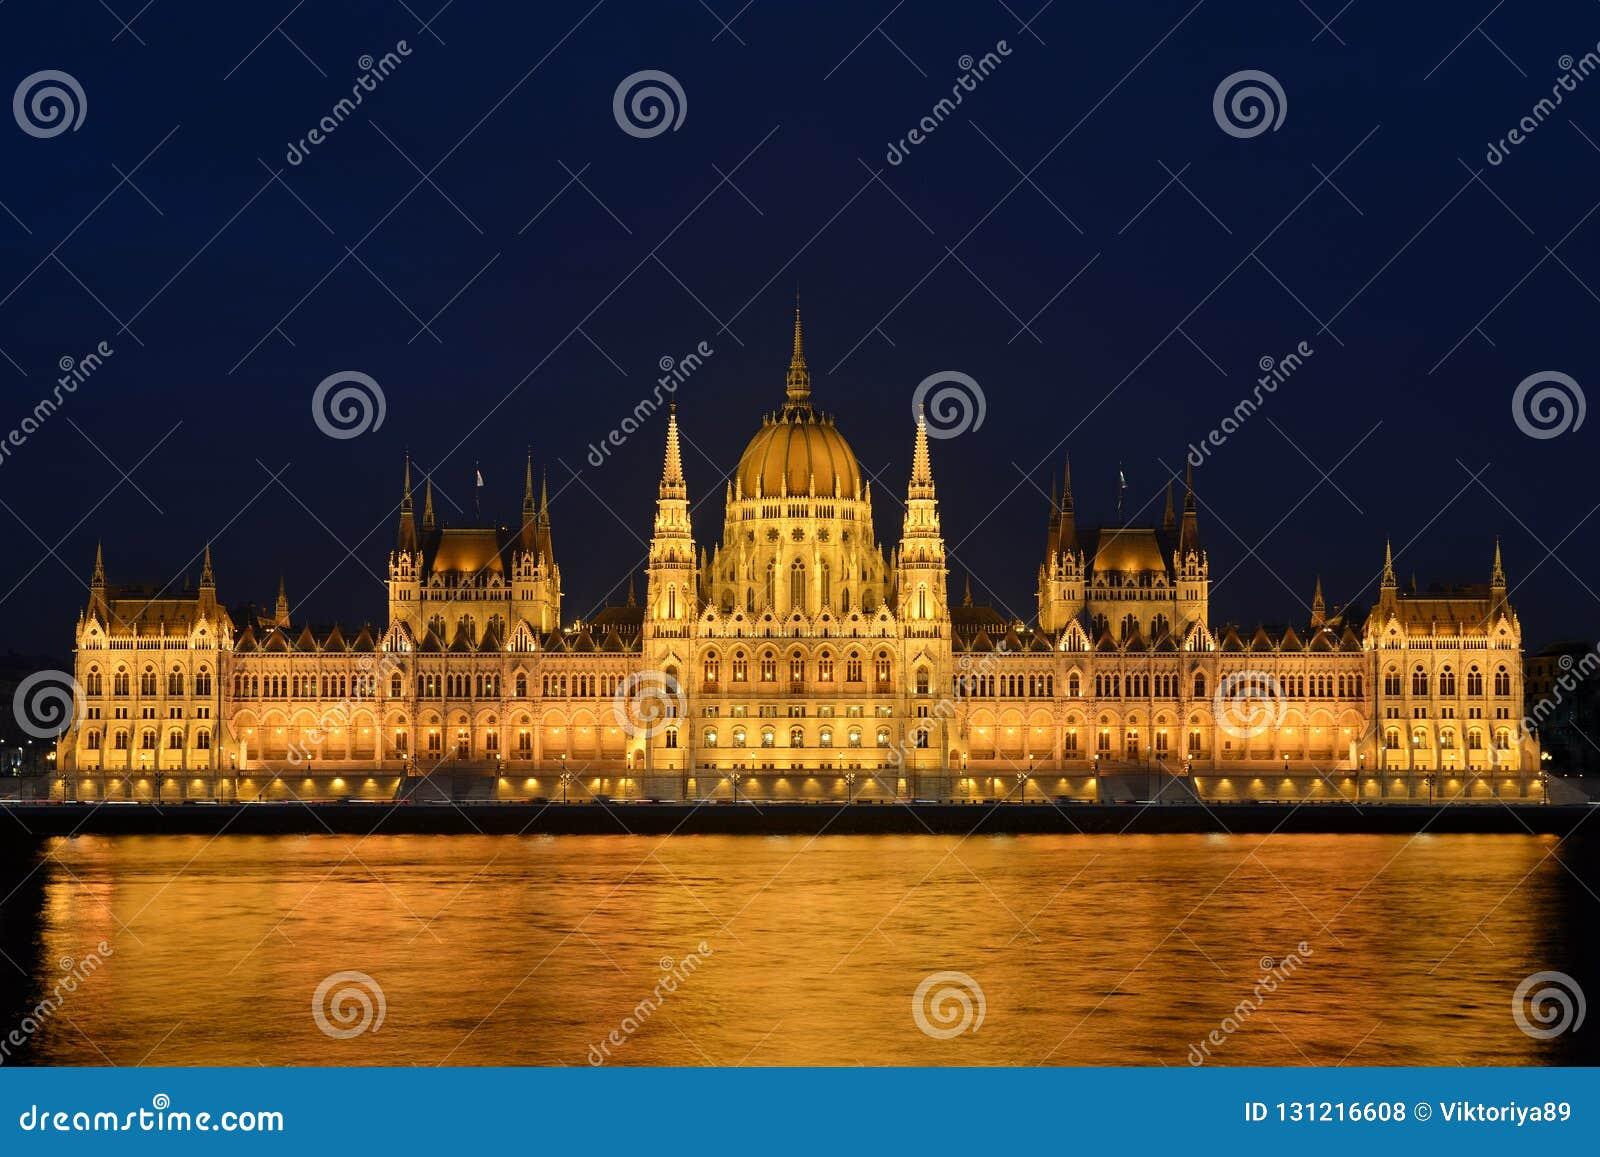 Arquitetura da cidade da noite da construção iluminada do parlamento de Budapest com reflexão dourada em Danube River